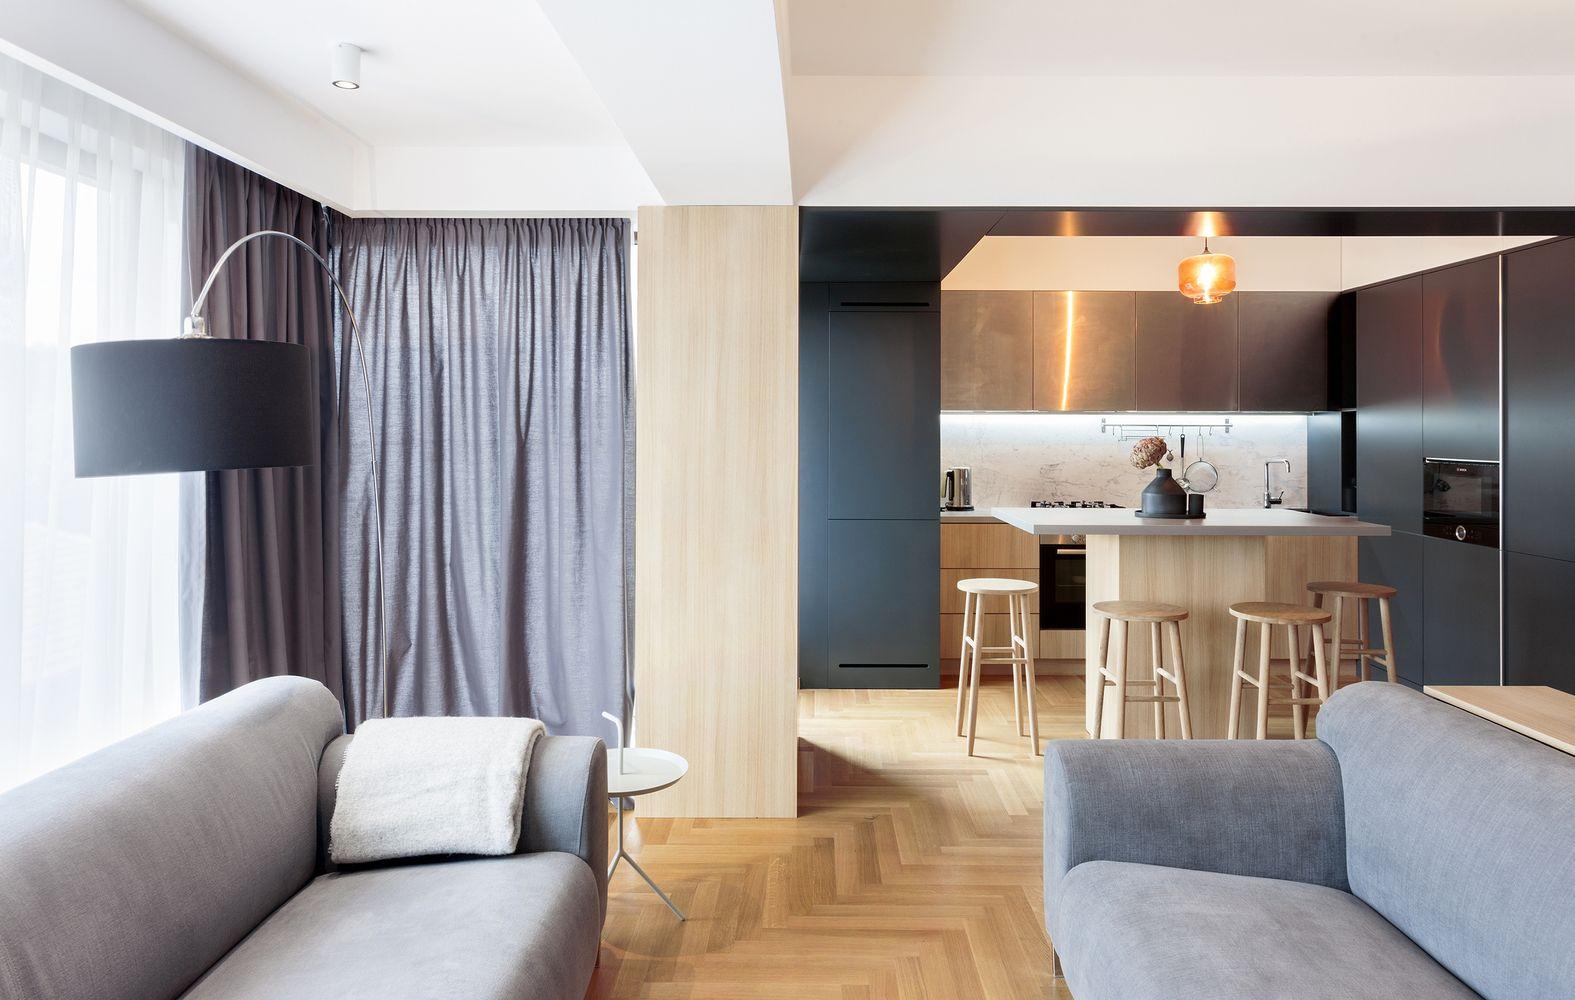 Gallery of Apartment in Bucharest rosu ciocodeica